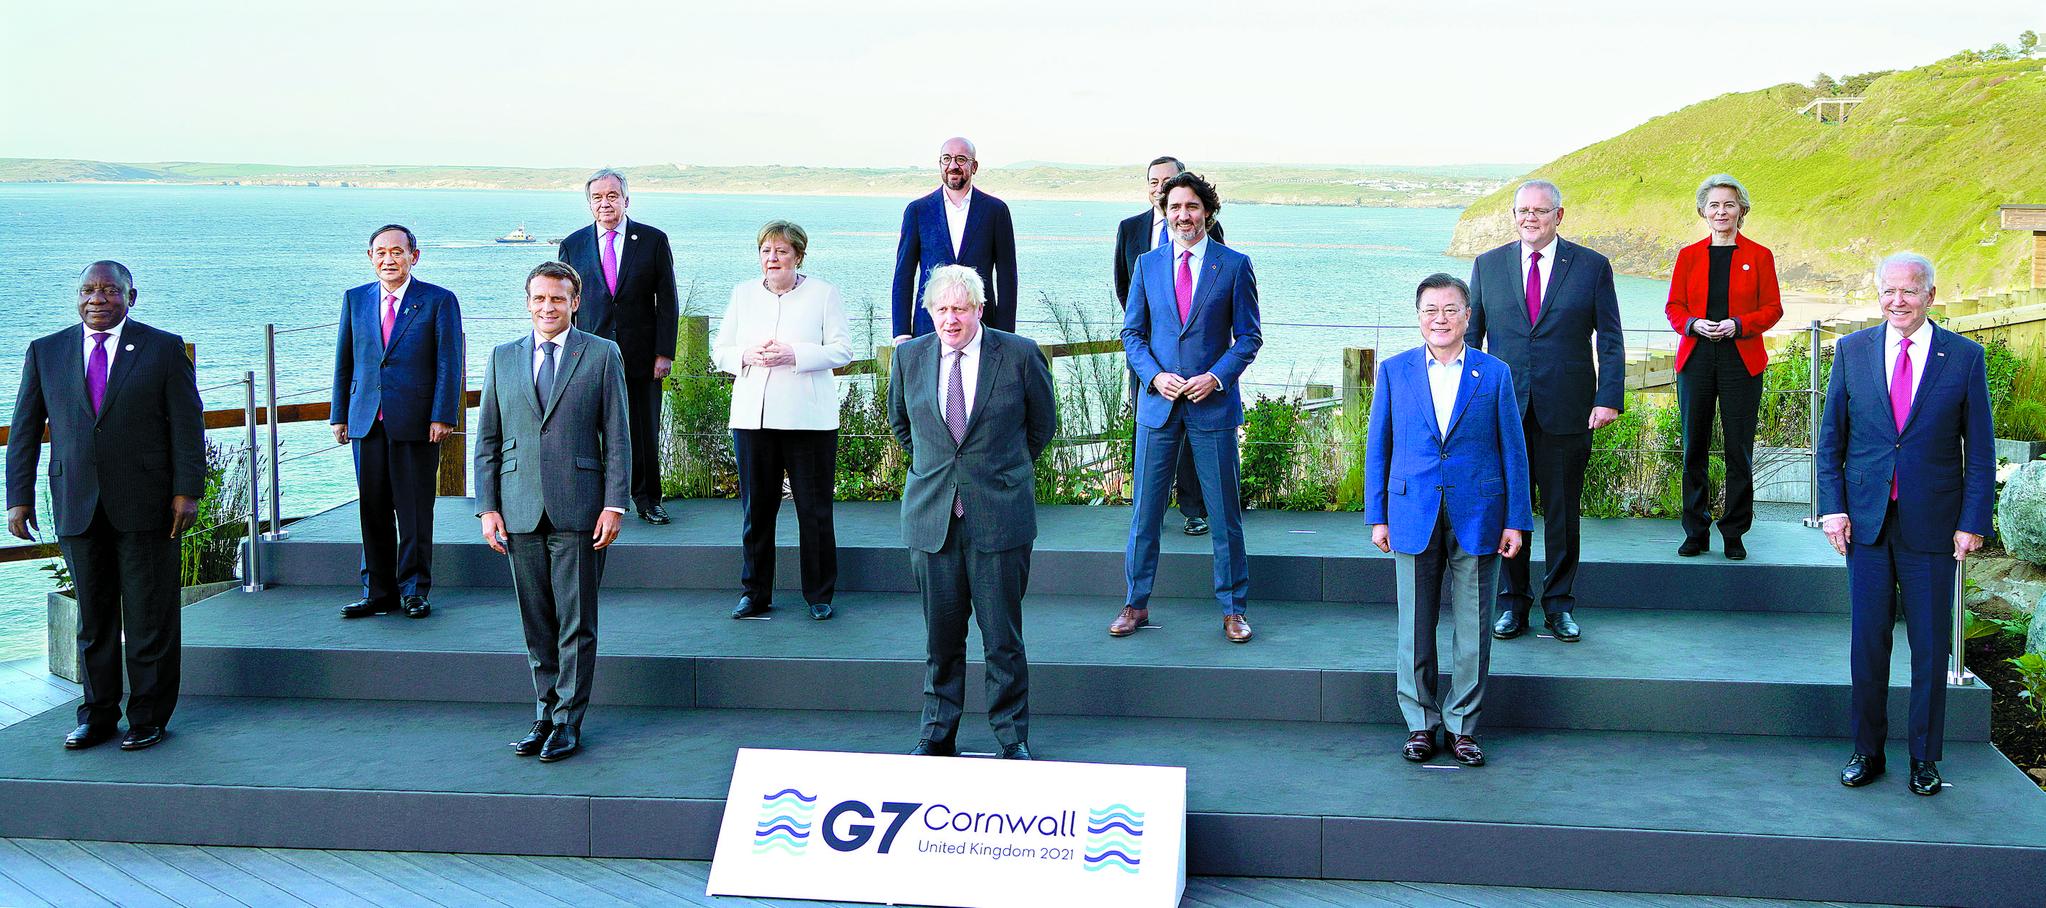 문재인 대통령이 12일(현지시간) 영국 콘월 카비스베이 G7 회담장 앞에서 참가국 정상들과 기념사진을 찍고 있다. 앞줄 왼쪽부터 시릴 라마포사 남아공·에마뉘엘 마크롱 프랑스 대통령, 보리스 존슨 영국 총리, 문 대통령, 조 바이든 미국 대통령. 둘째 줄 왼쪽부터 스가 요시히데 일본·앙겔라 메르켈 독일·쥐스탱 트뤼도 캐나다·스콧 모리슨 호주 총리. [뉴시스]